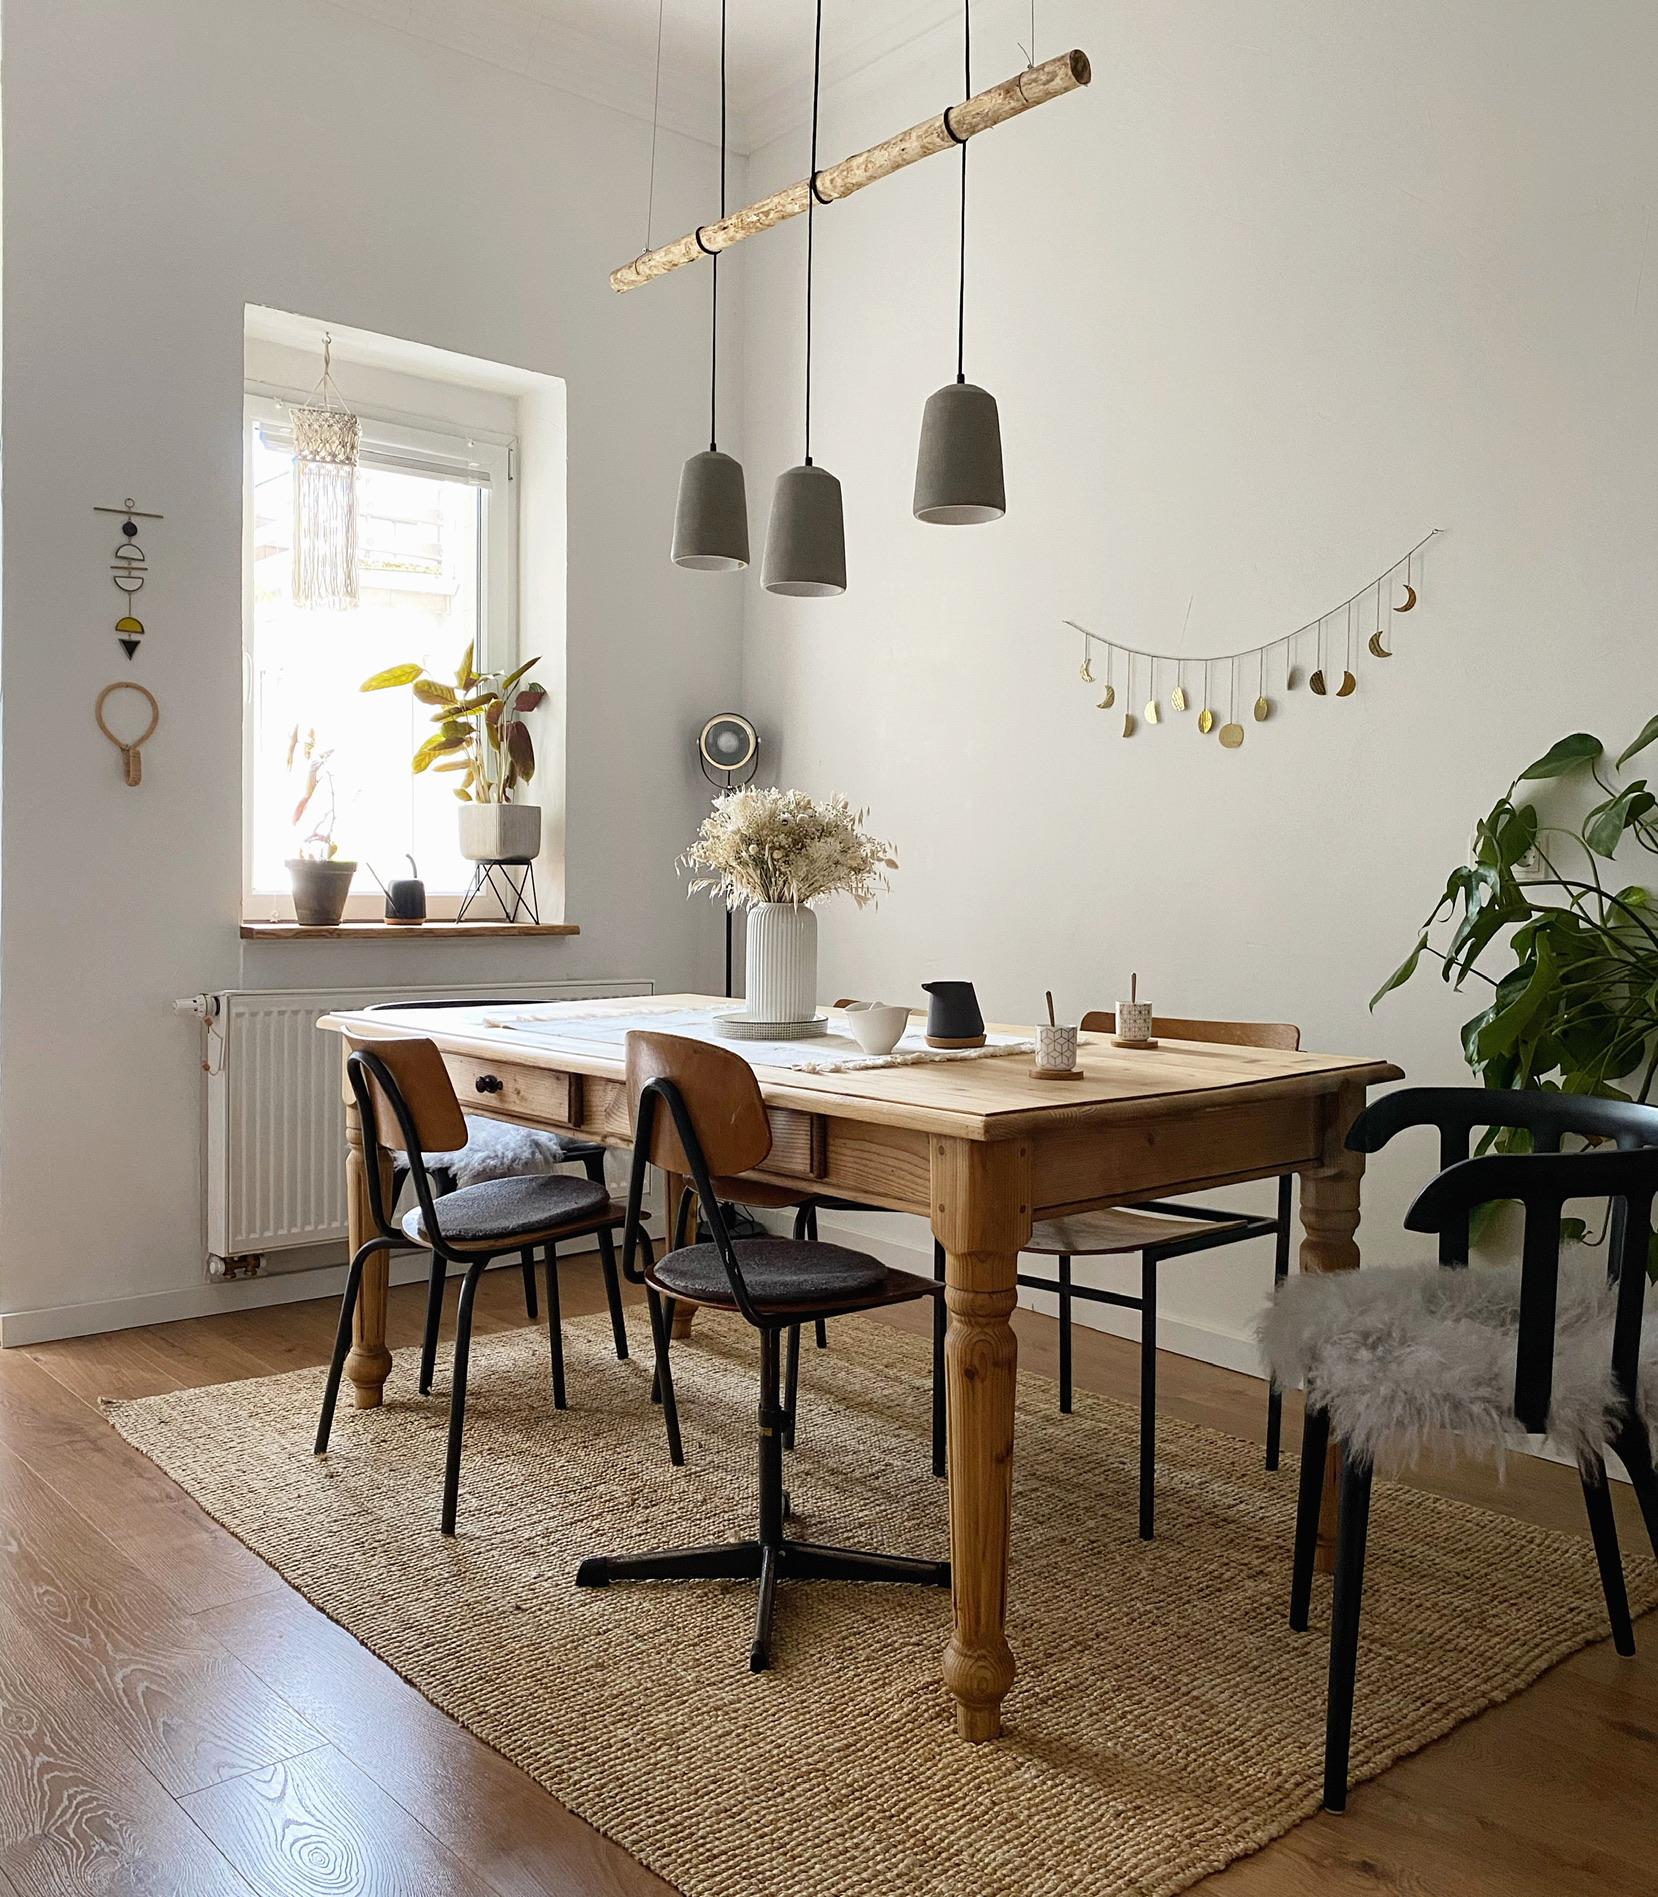 Wohnzimmer weiß - Essbereich